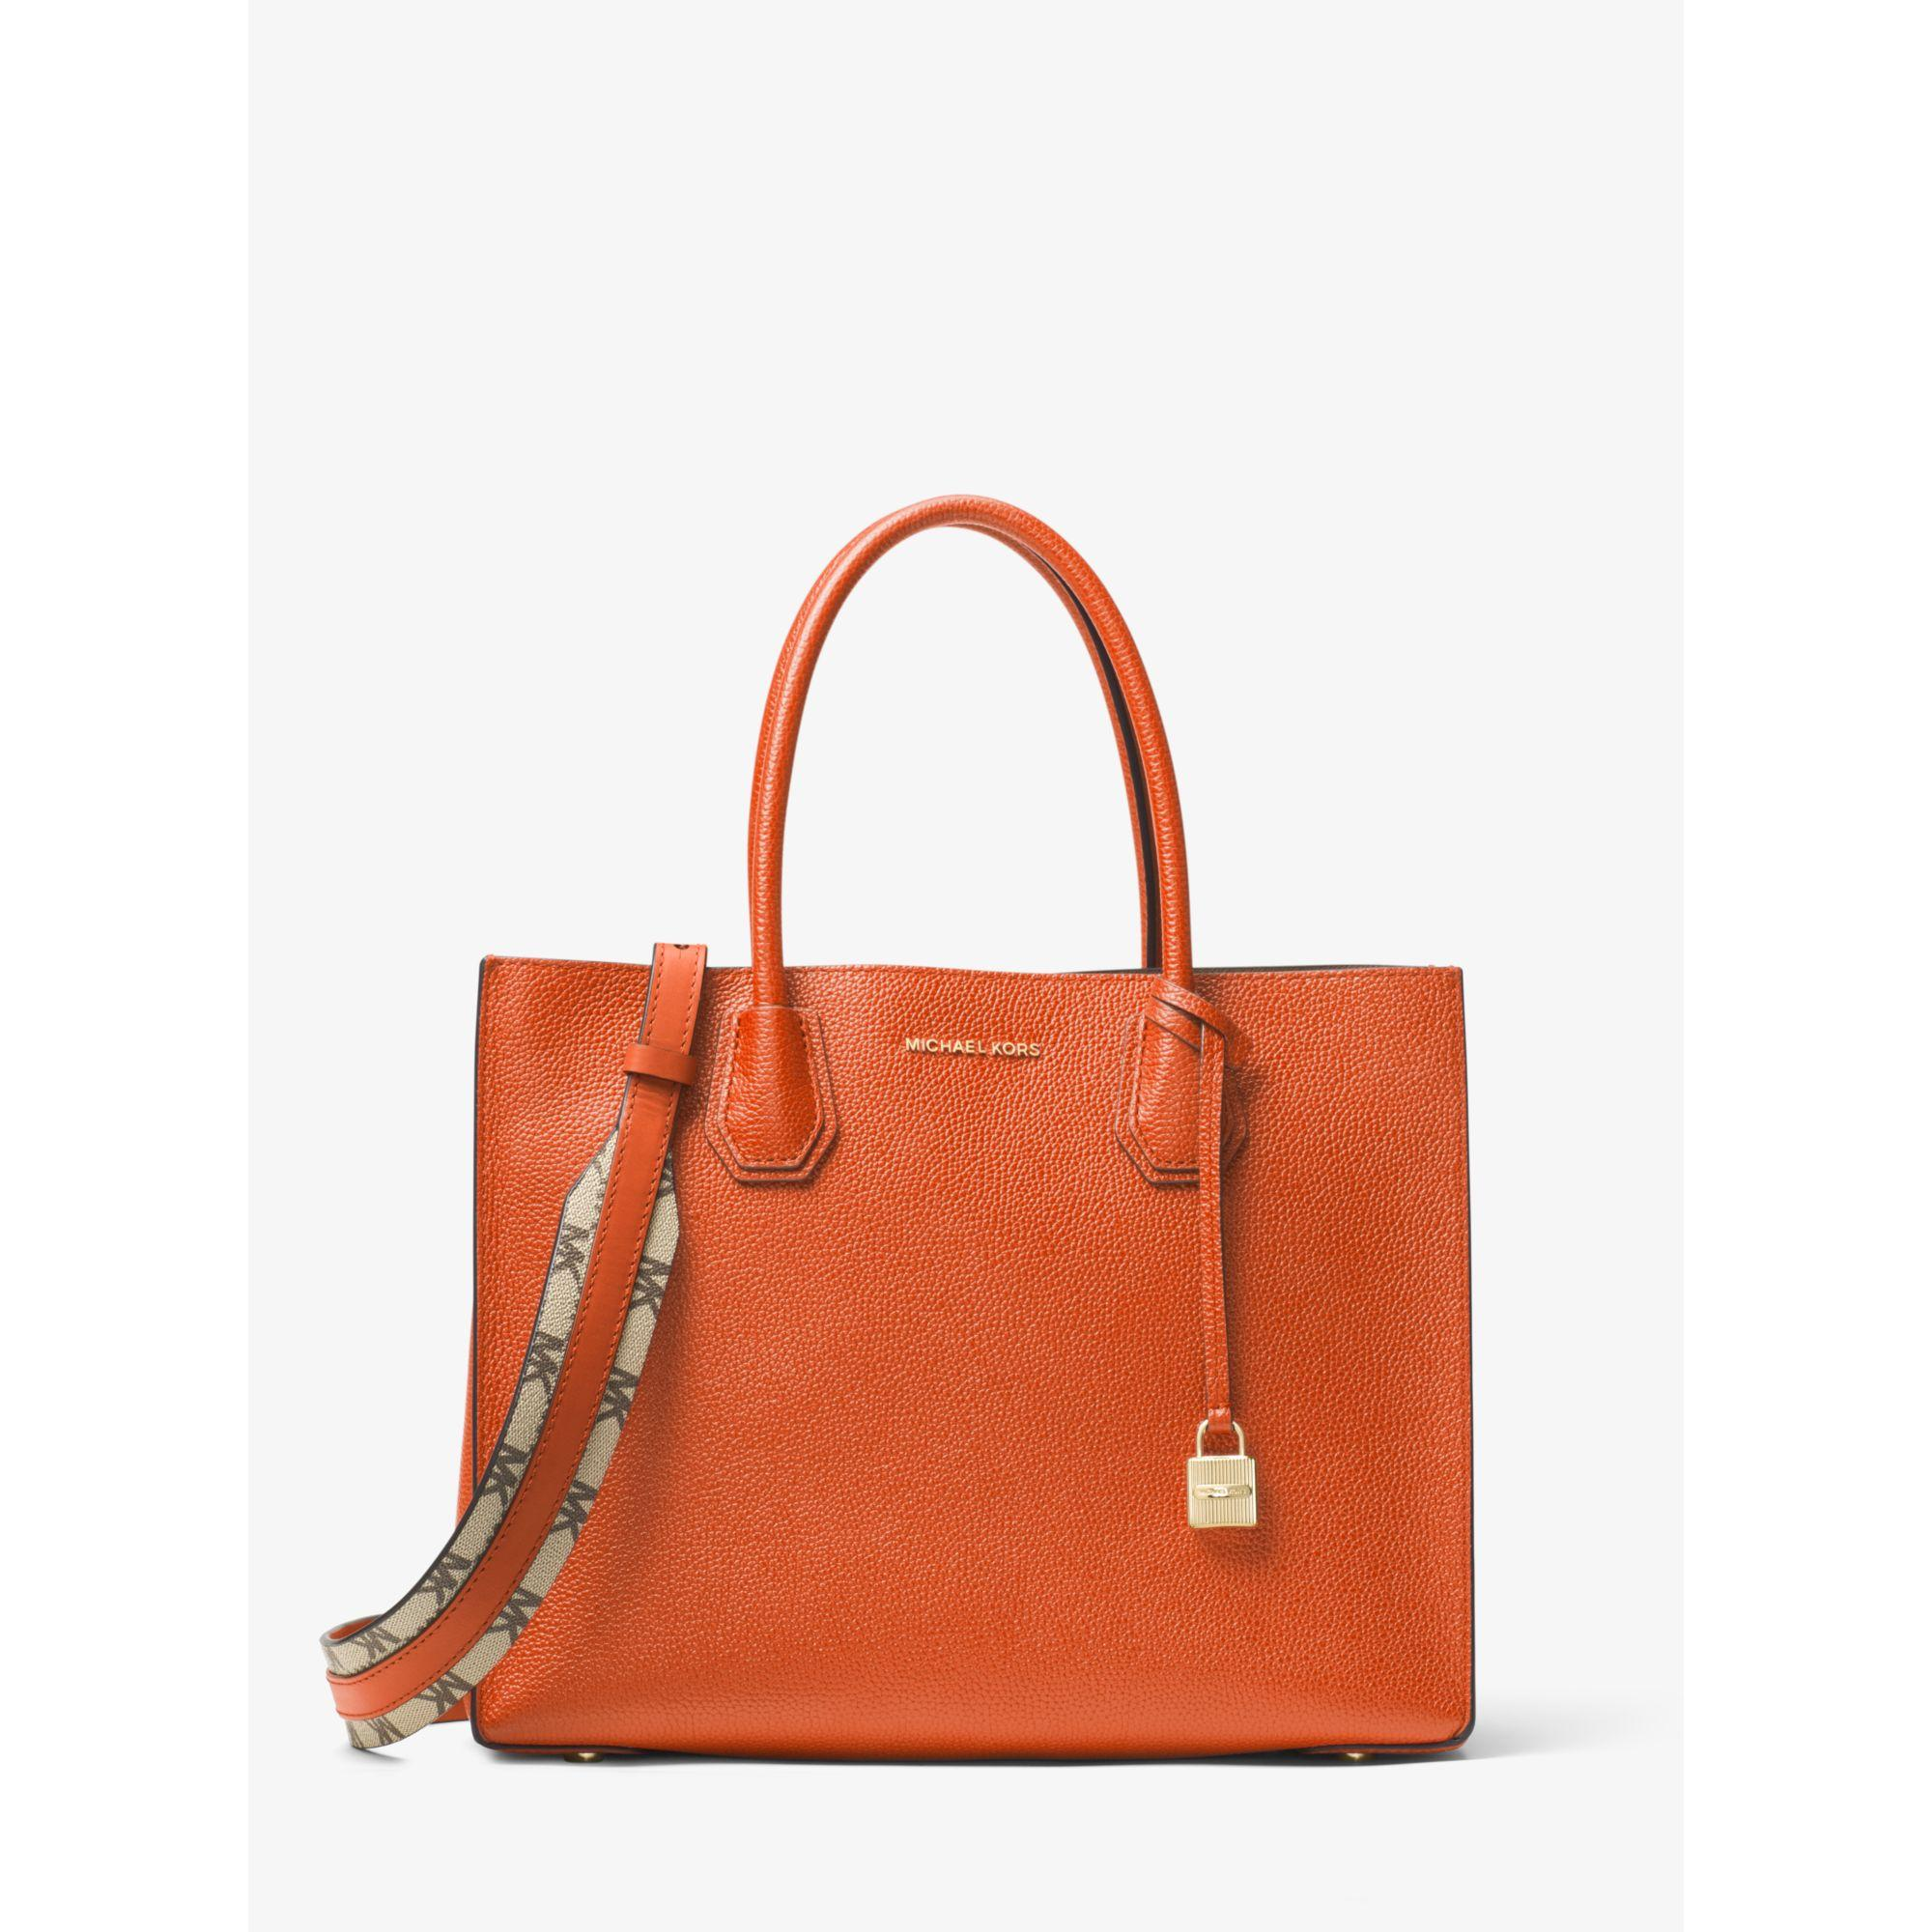 252b70bfe4e0f4 Michael Kors Studded Leather Handbag Strap   Stanford Center for ...